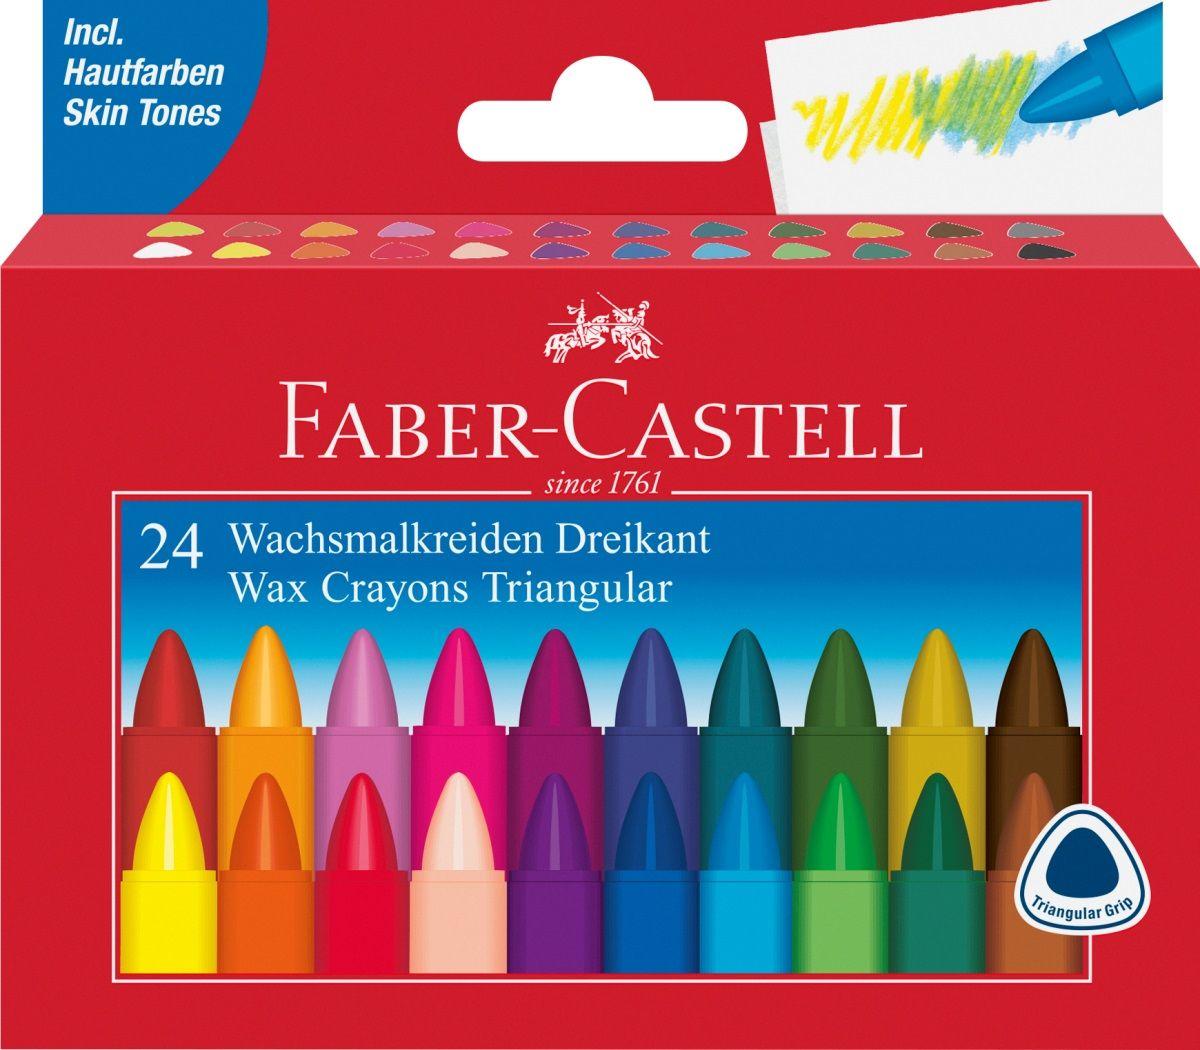 Faber-Castell Набор восковых карандашей Triangular трехгранные 24 цвета120024Набор восковых карандашей Faber-Castell Triangular - карандаши имеют трёхгранную эргономичную форму, яркие цвета. Водоустойчивые, пригодны для комбинирования различных техник. Захват, оснащенный защитной гигроскопичной бумагой.